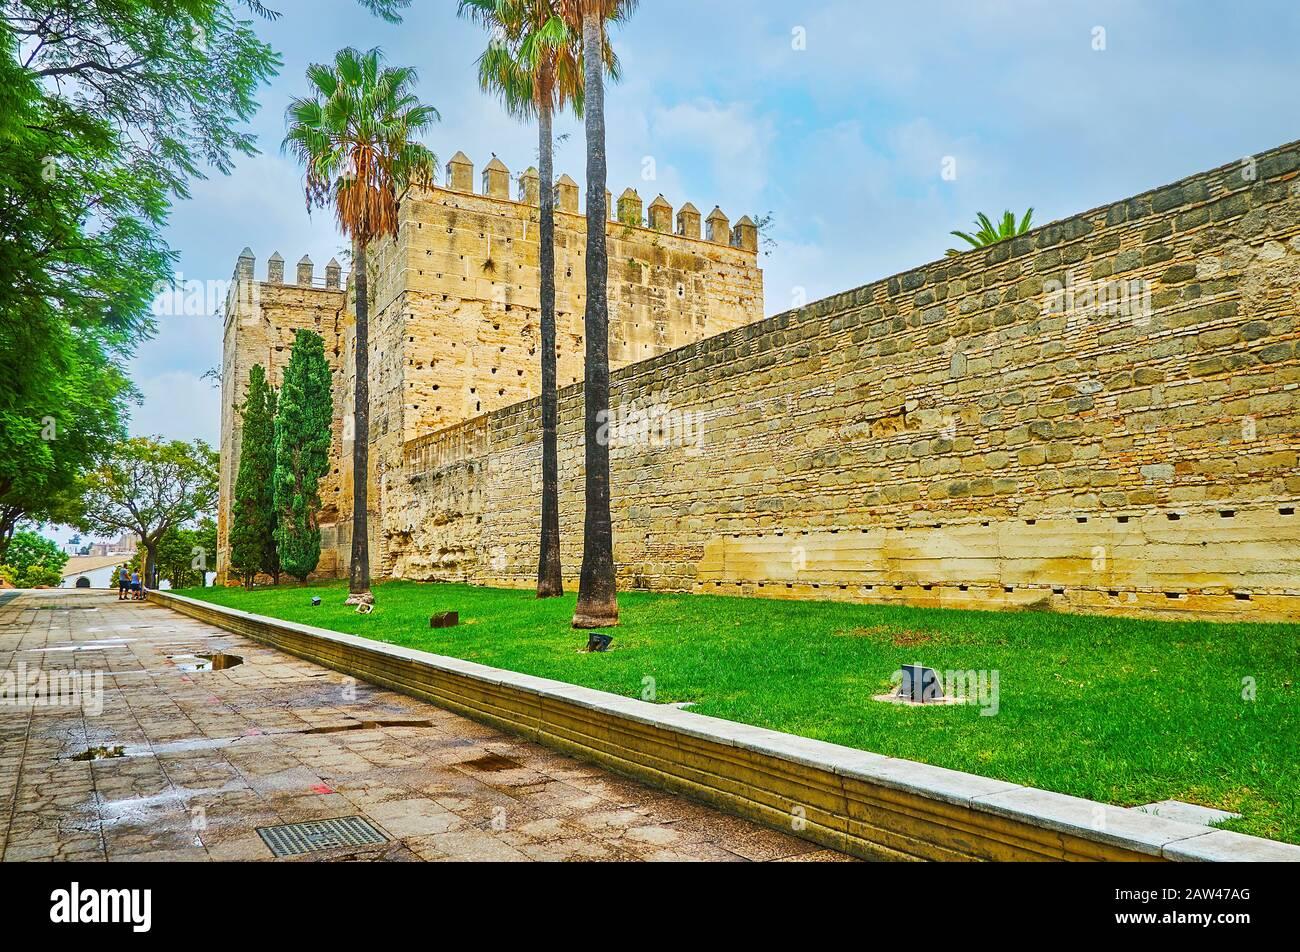 Exterior de la fortaleza del Alcázar, que es uno de los principales monumentos de la ciudad y símbolos históricos de Jerez, España Foto de stock